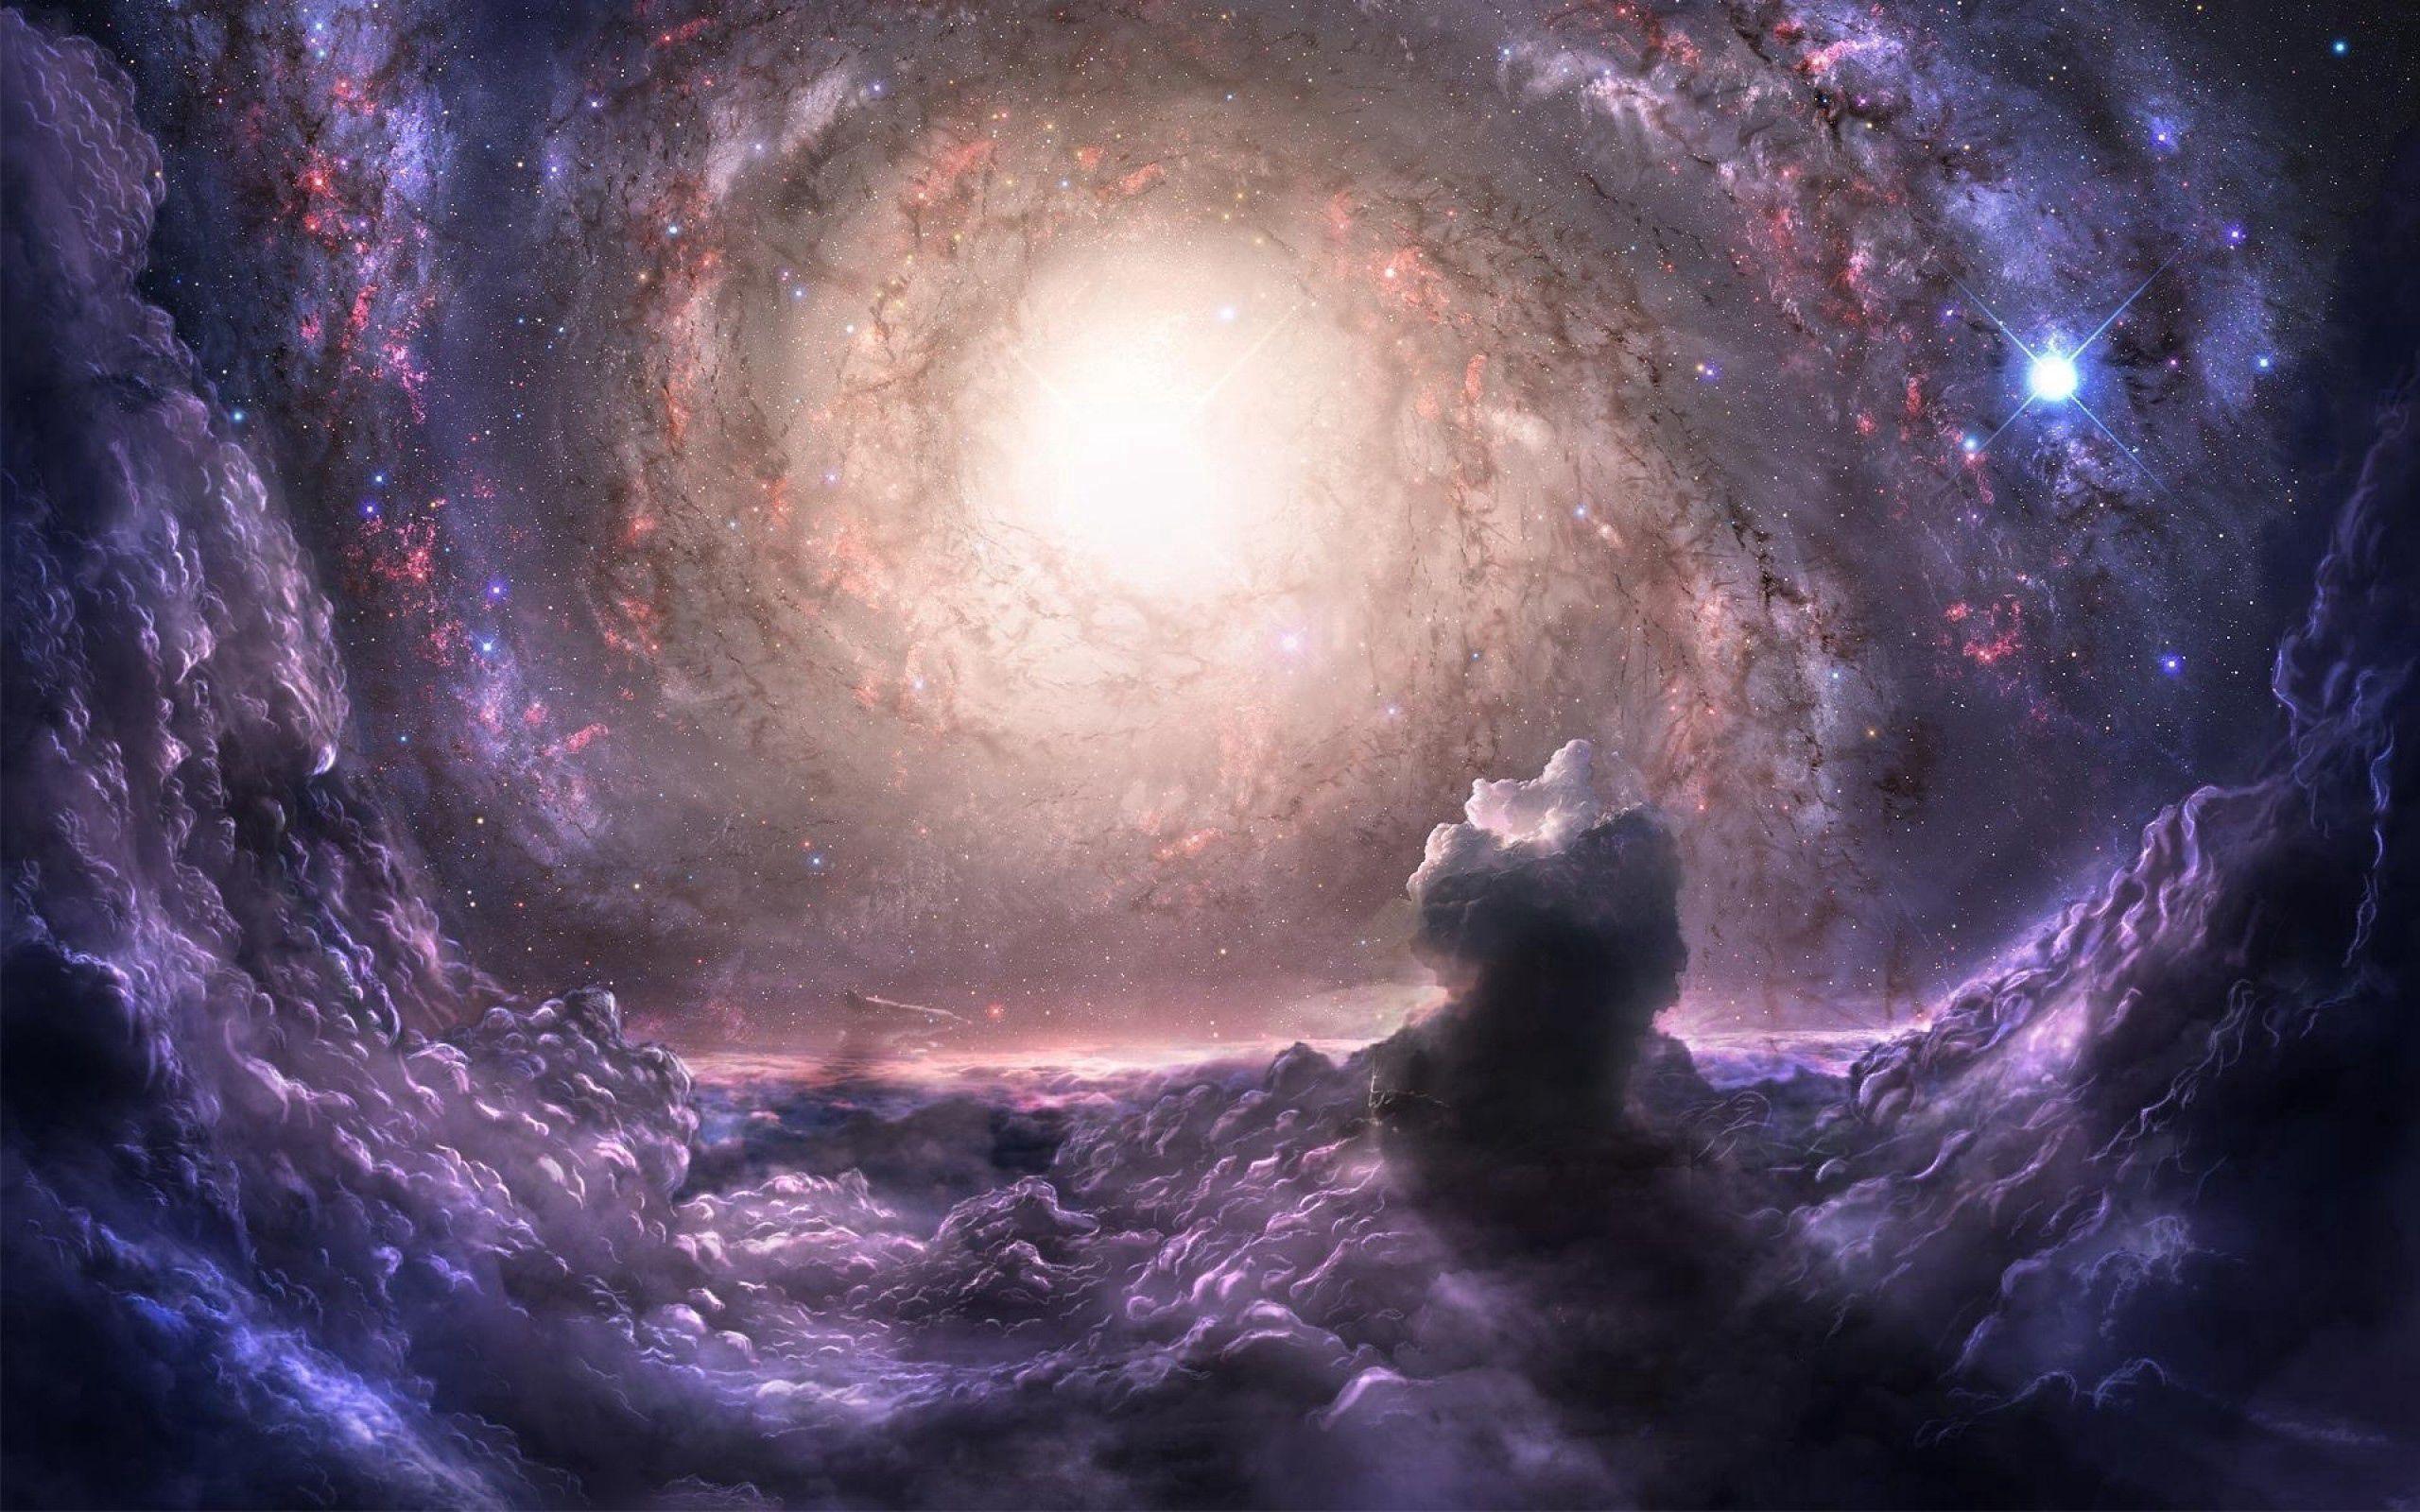 153872 fond d'écran 2160x3840 sur votre téléphone gratuitement, téléchargez des images Univers, Connexion, La Gravité, Gravité, La Communication, Amas De Galaxies 2160x3840 sur votre mobile